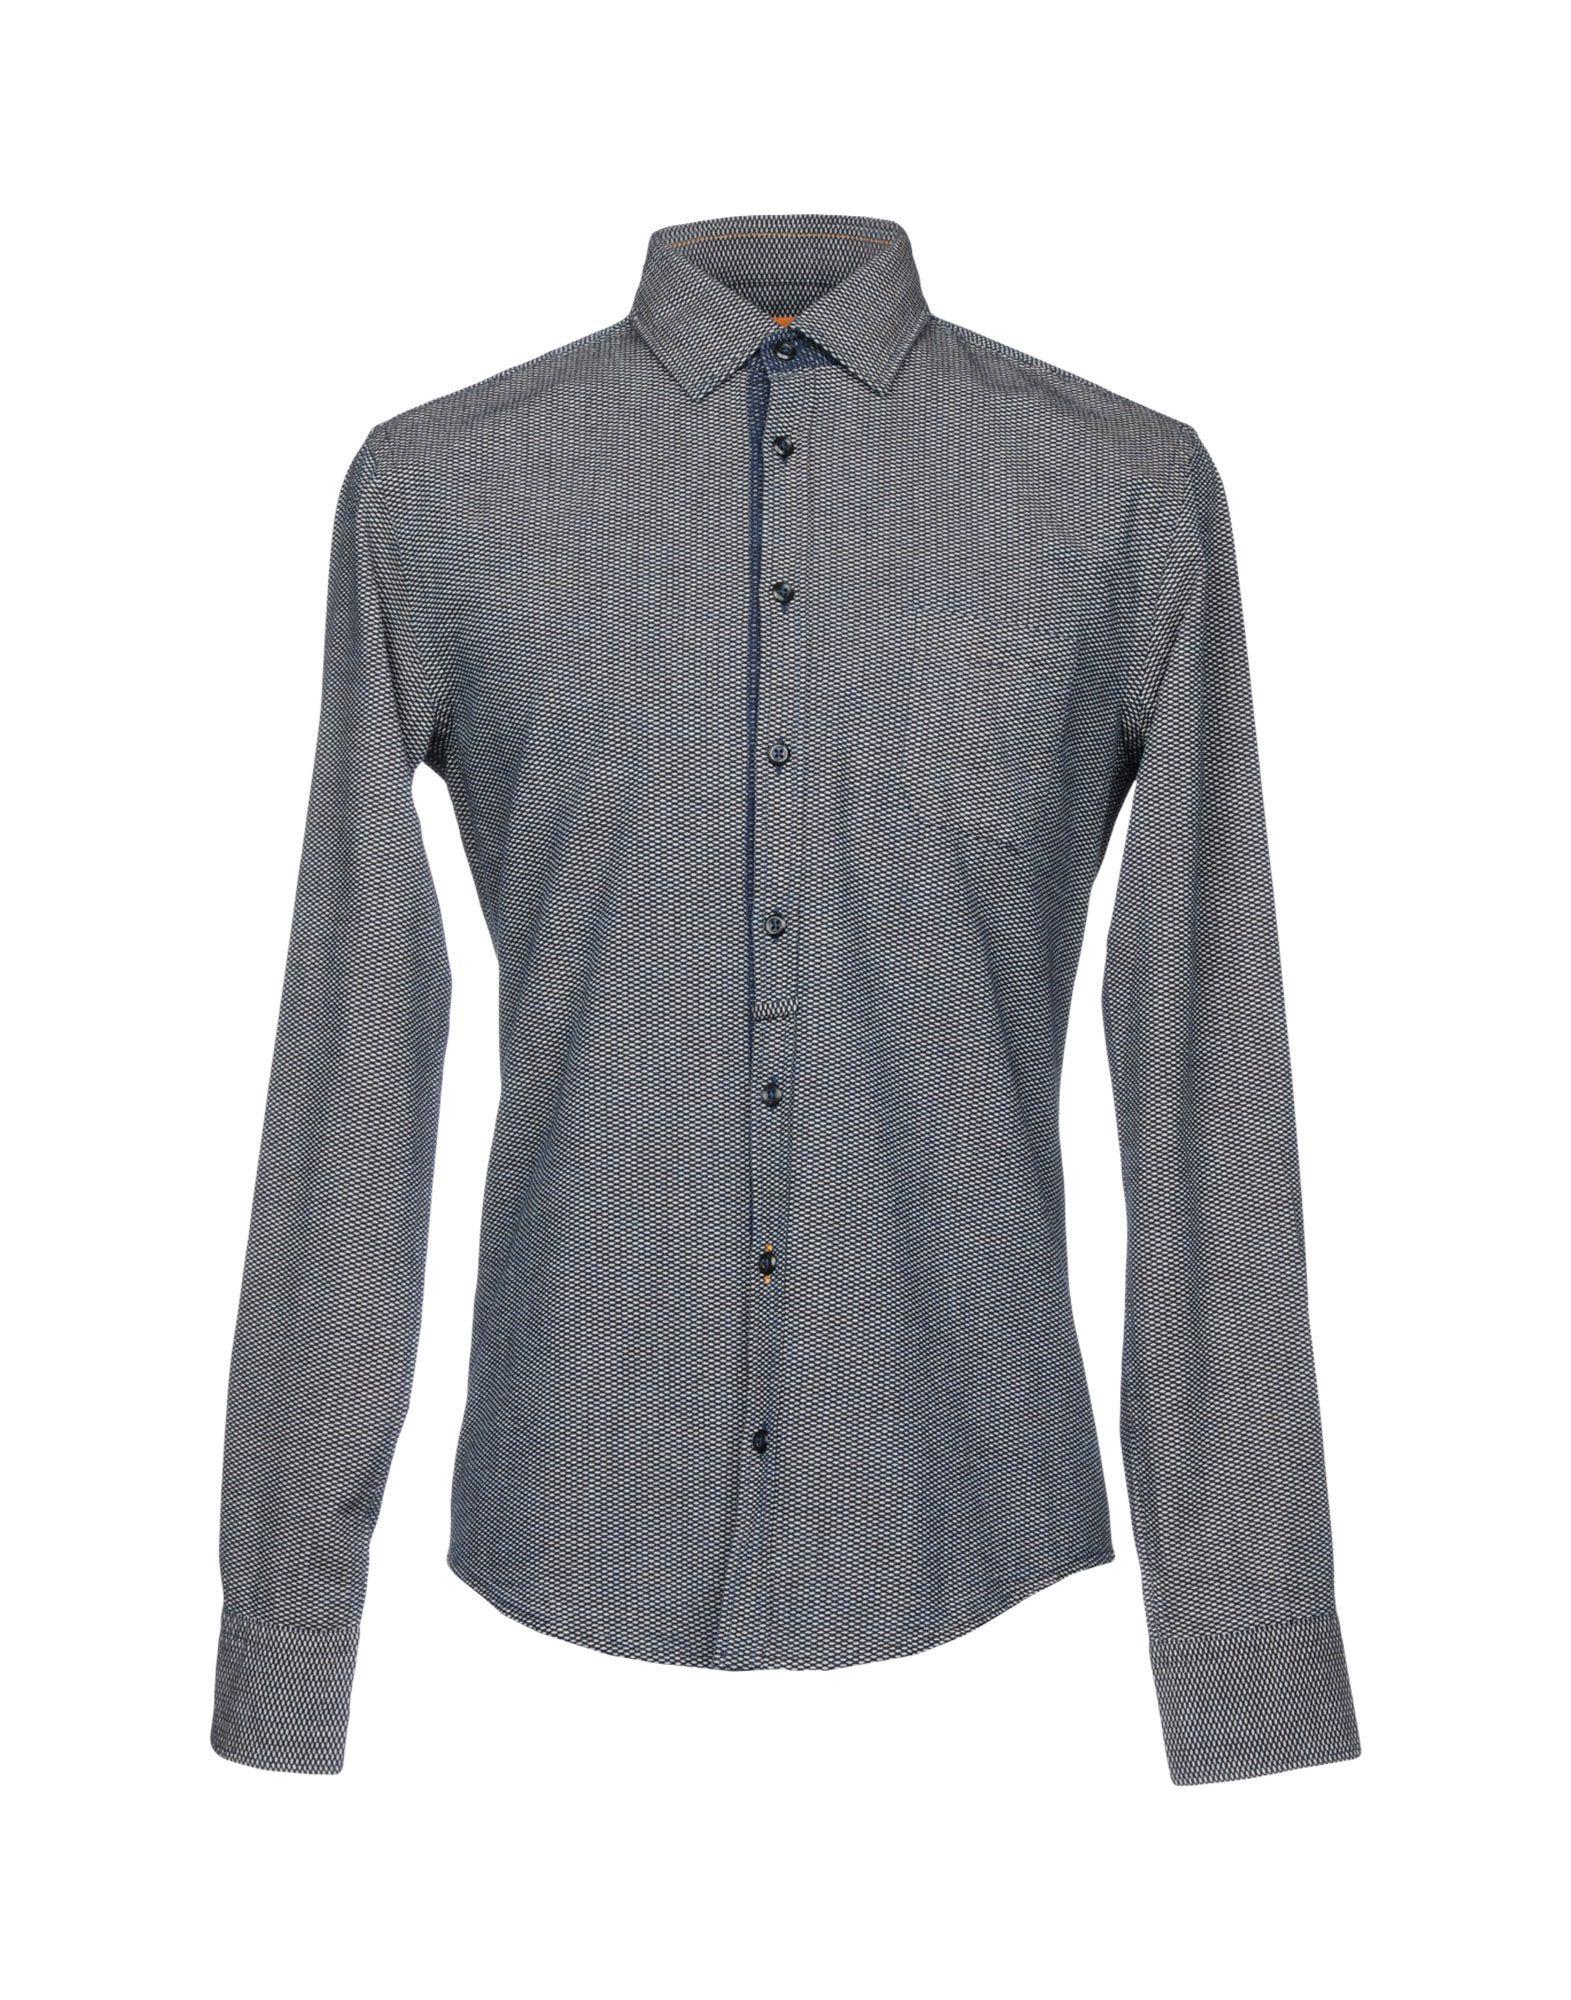 'BOSS ORANGE Shirts